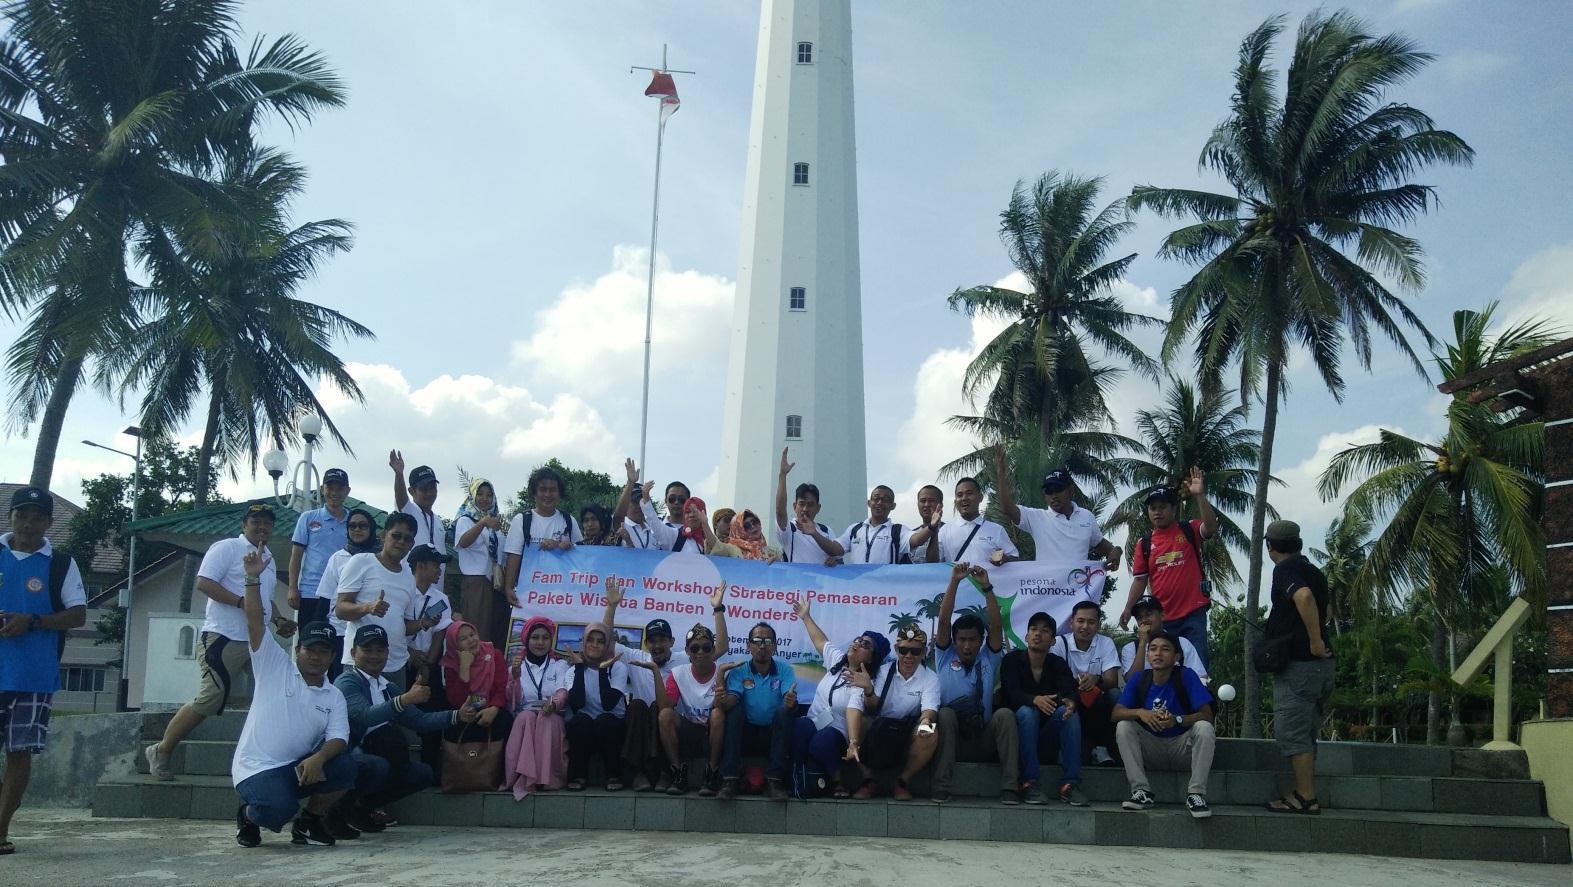 Pengenalan Destinasi Wisata Prioritas Dalam Rangka Promosi 10 Destinasi Prioritas Melalui Event Perjalanan Insentif Di Provinsi Banten